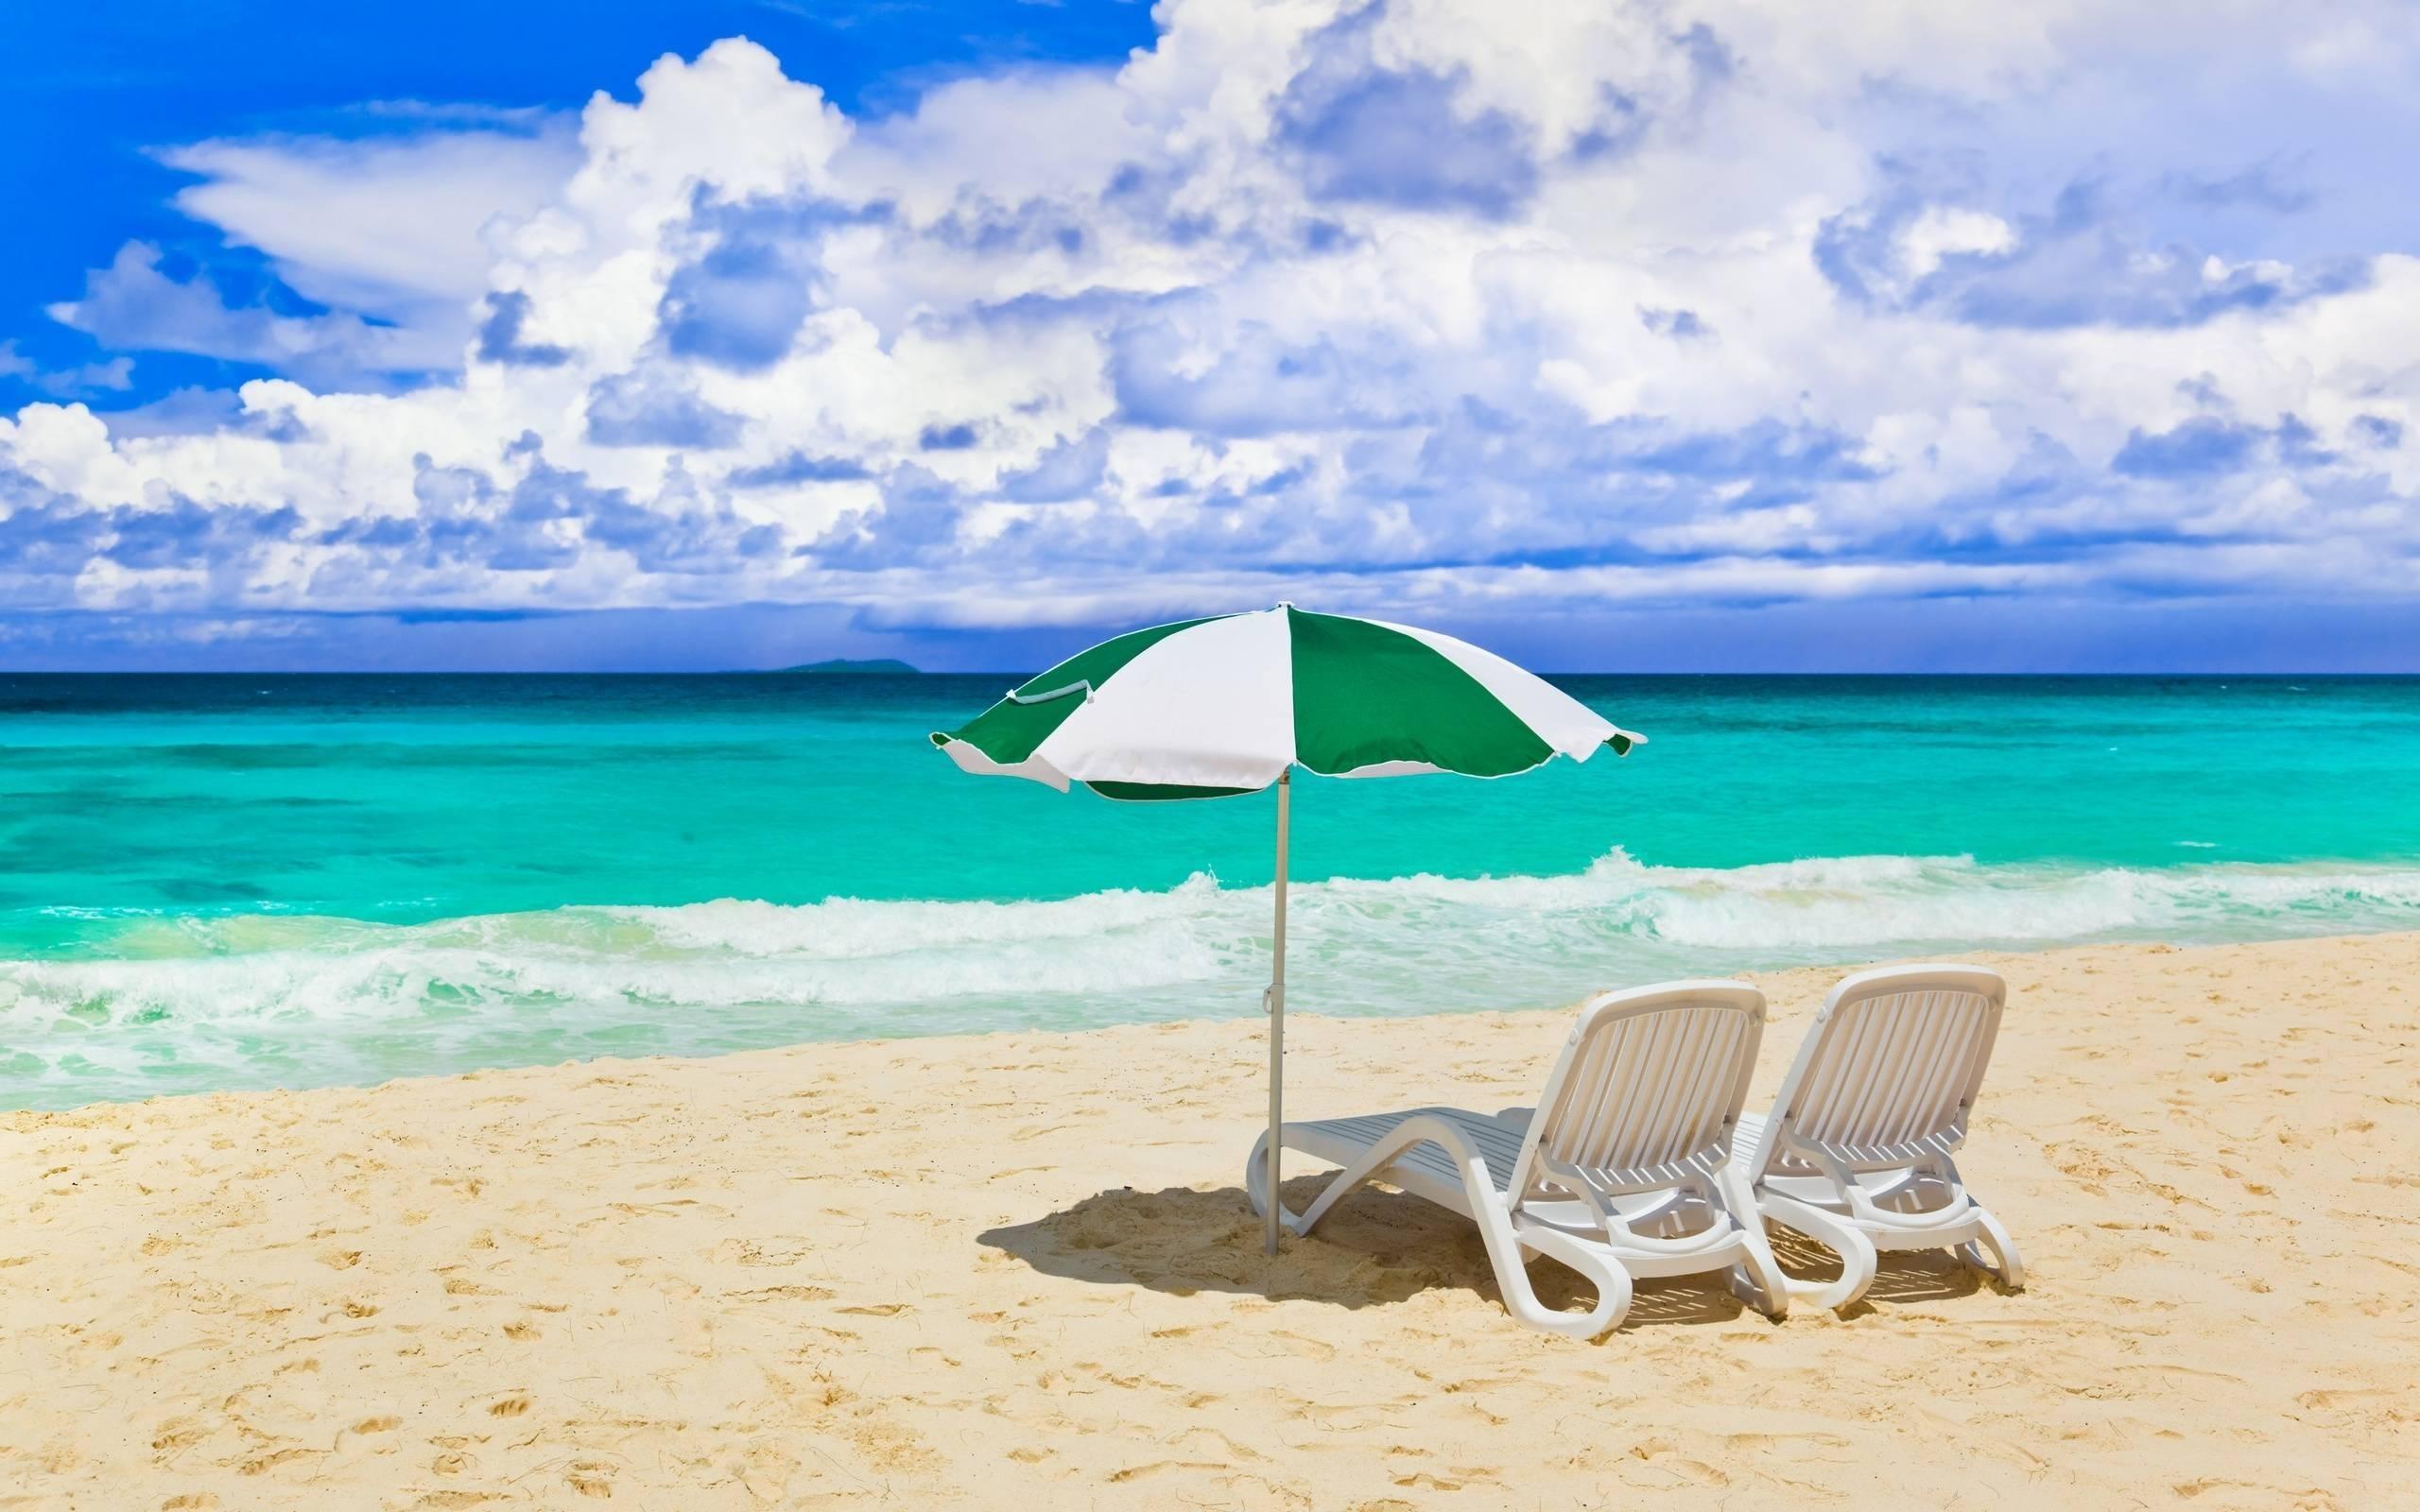 Res: 2560x1600, Wallpapers For Summertime Wallpaper For Desktop